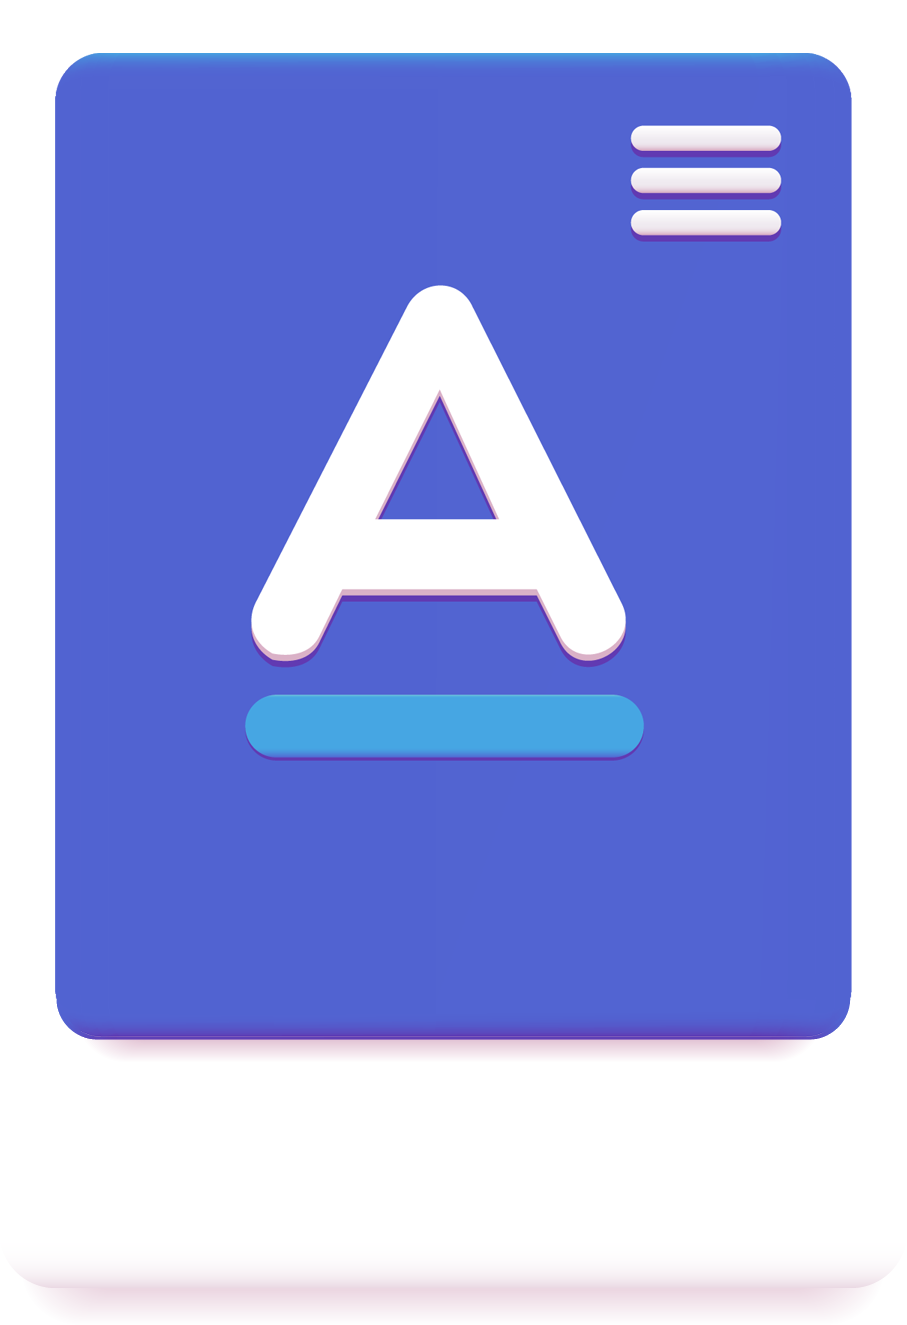 Ocoya UI Element